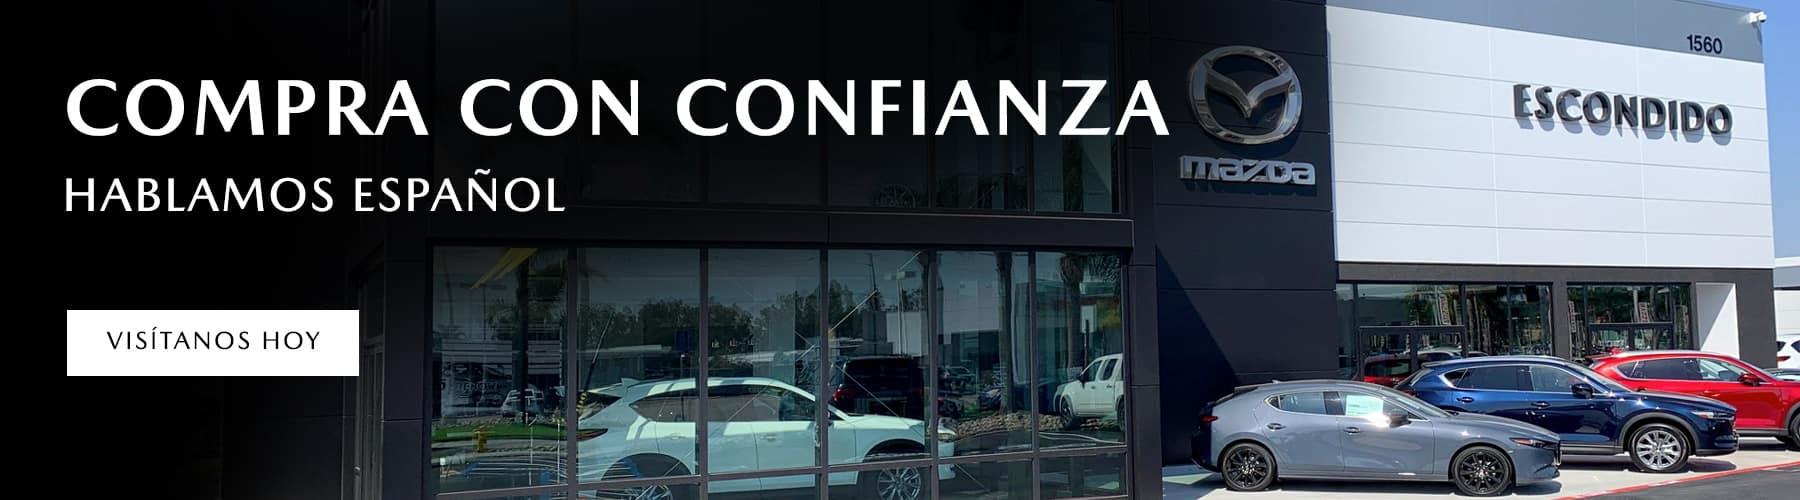 Compra con Confianza, Hablamos Español